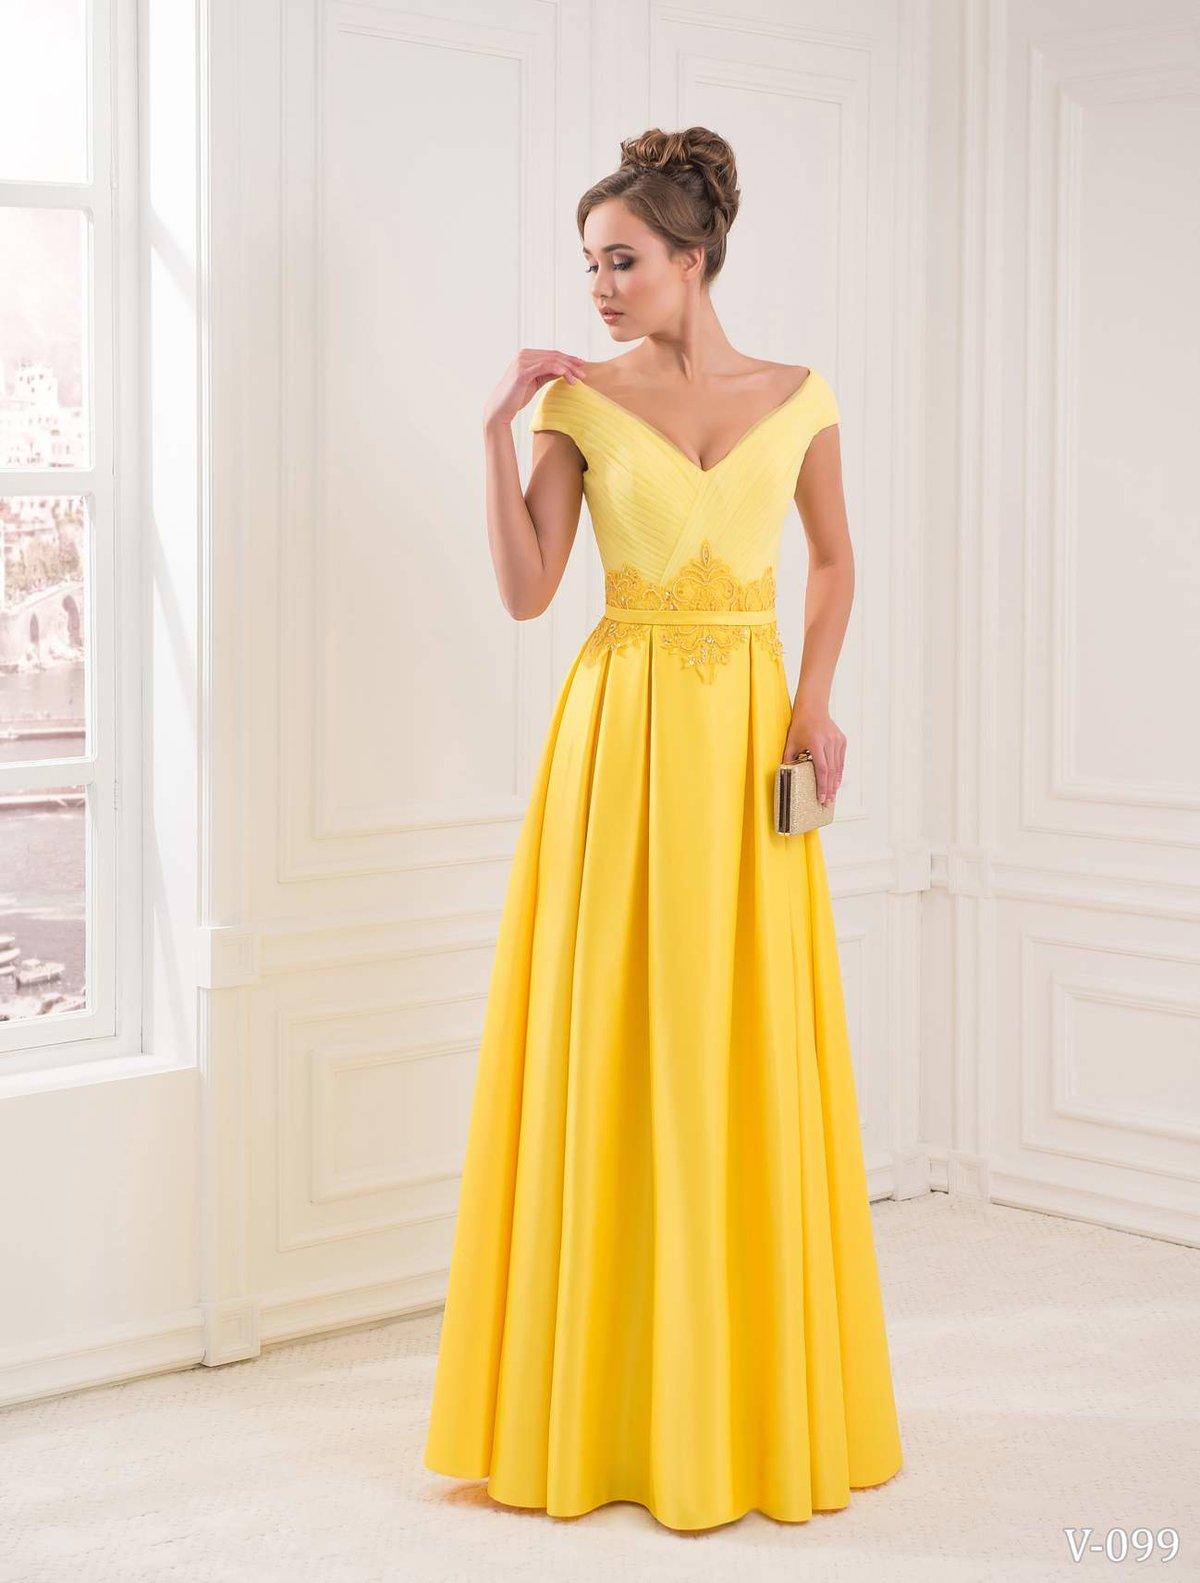 Желтое платье картинки